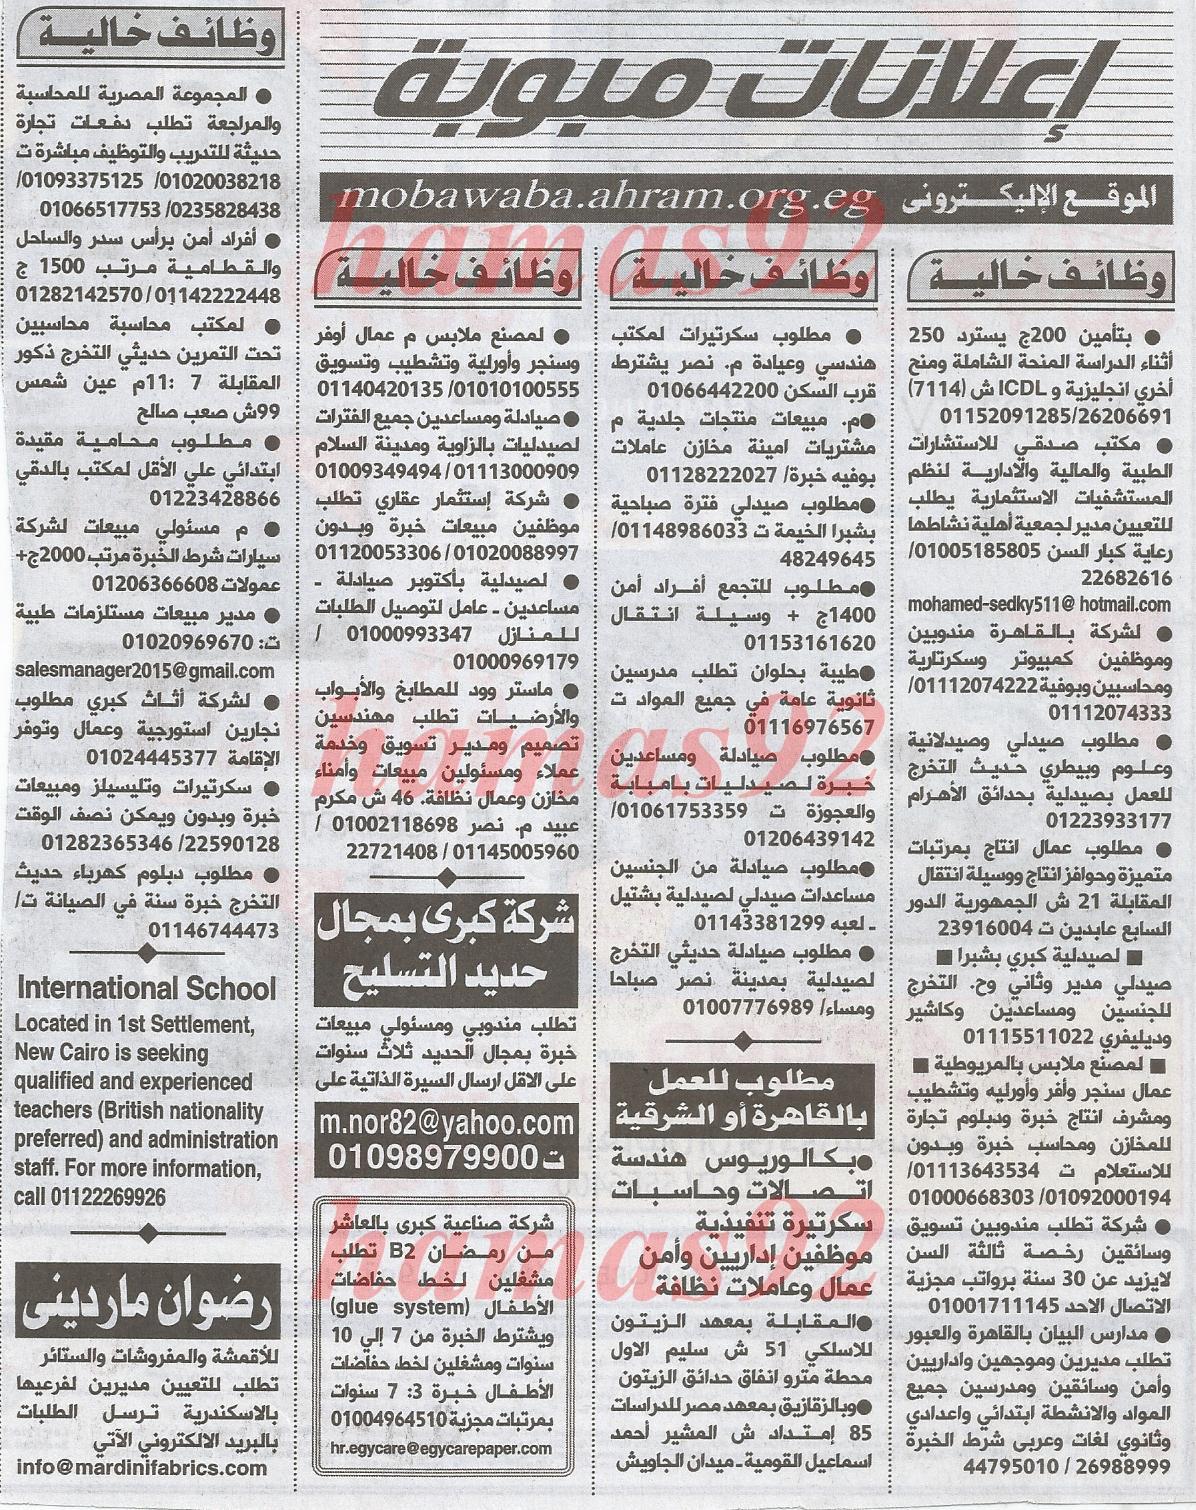 وظائف جريدة الاهرام اليوم الخميس 30-1-2014 , وظائف خالية من الاهرام 30 يناير 2014